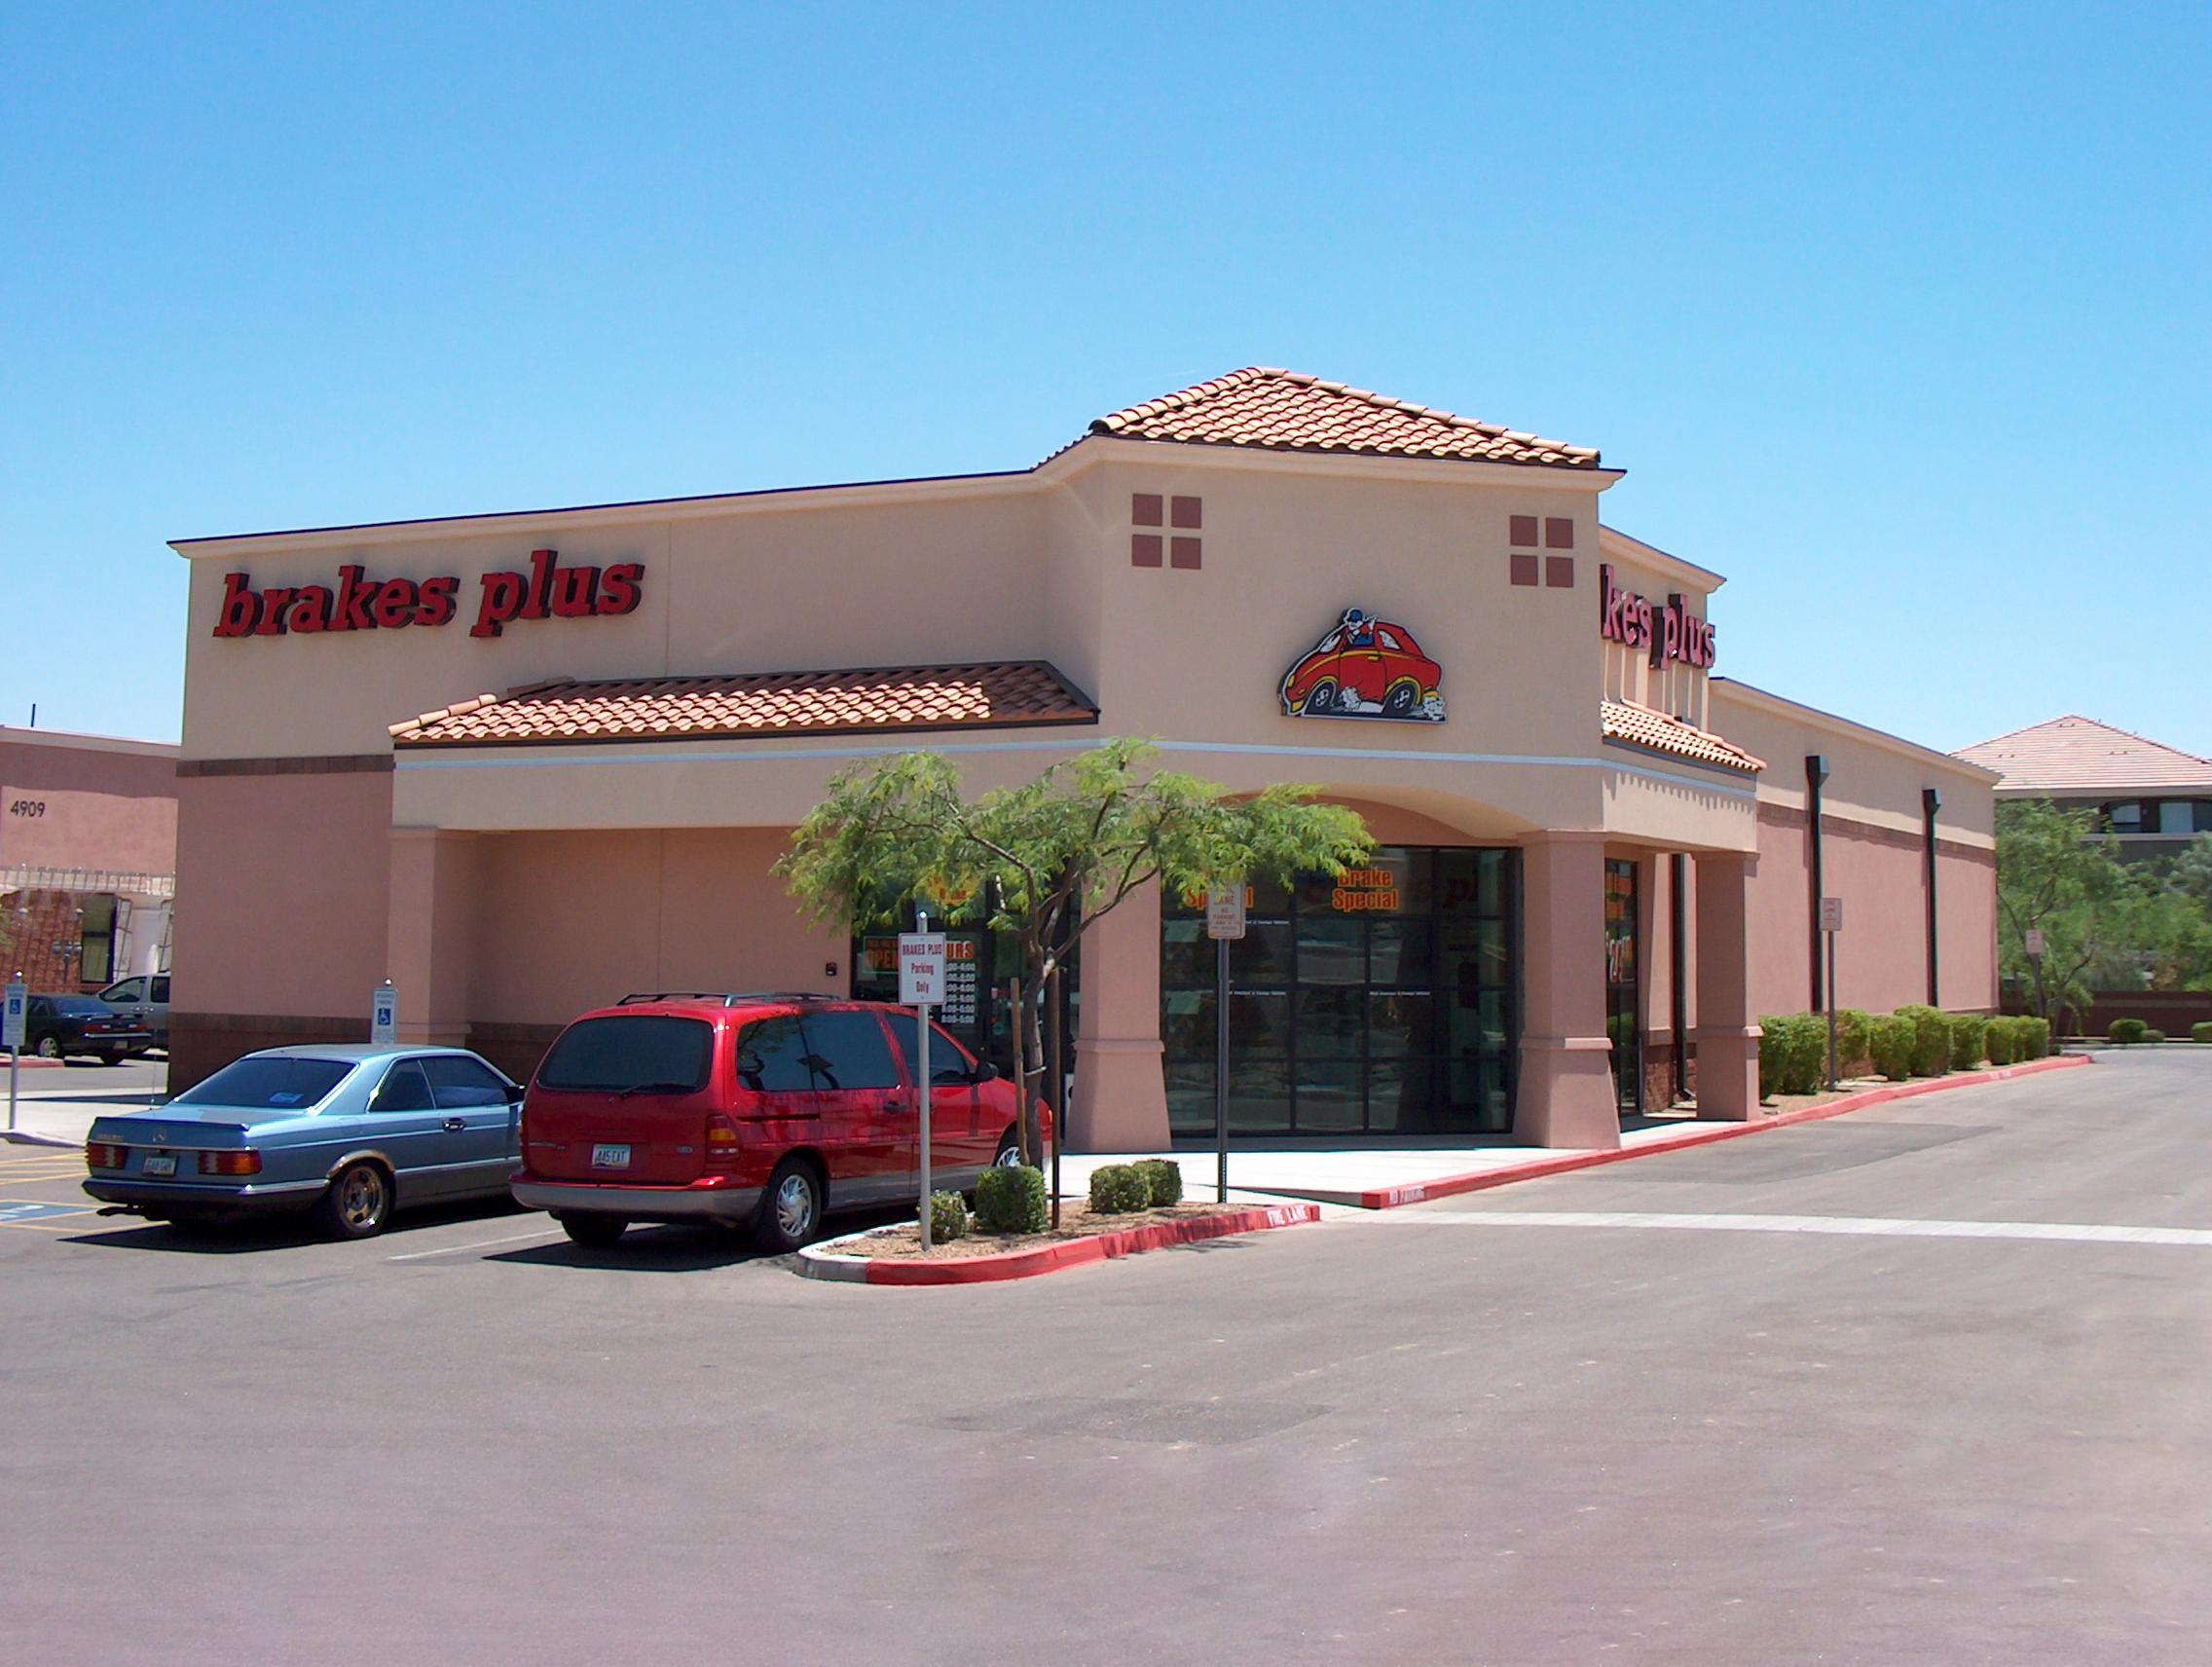 Brakes Plus at Phoenix, AZ - Ahwatukee Hills